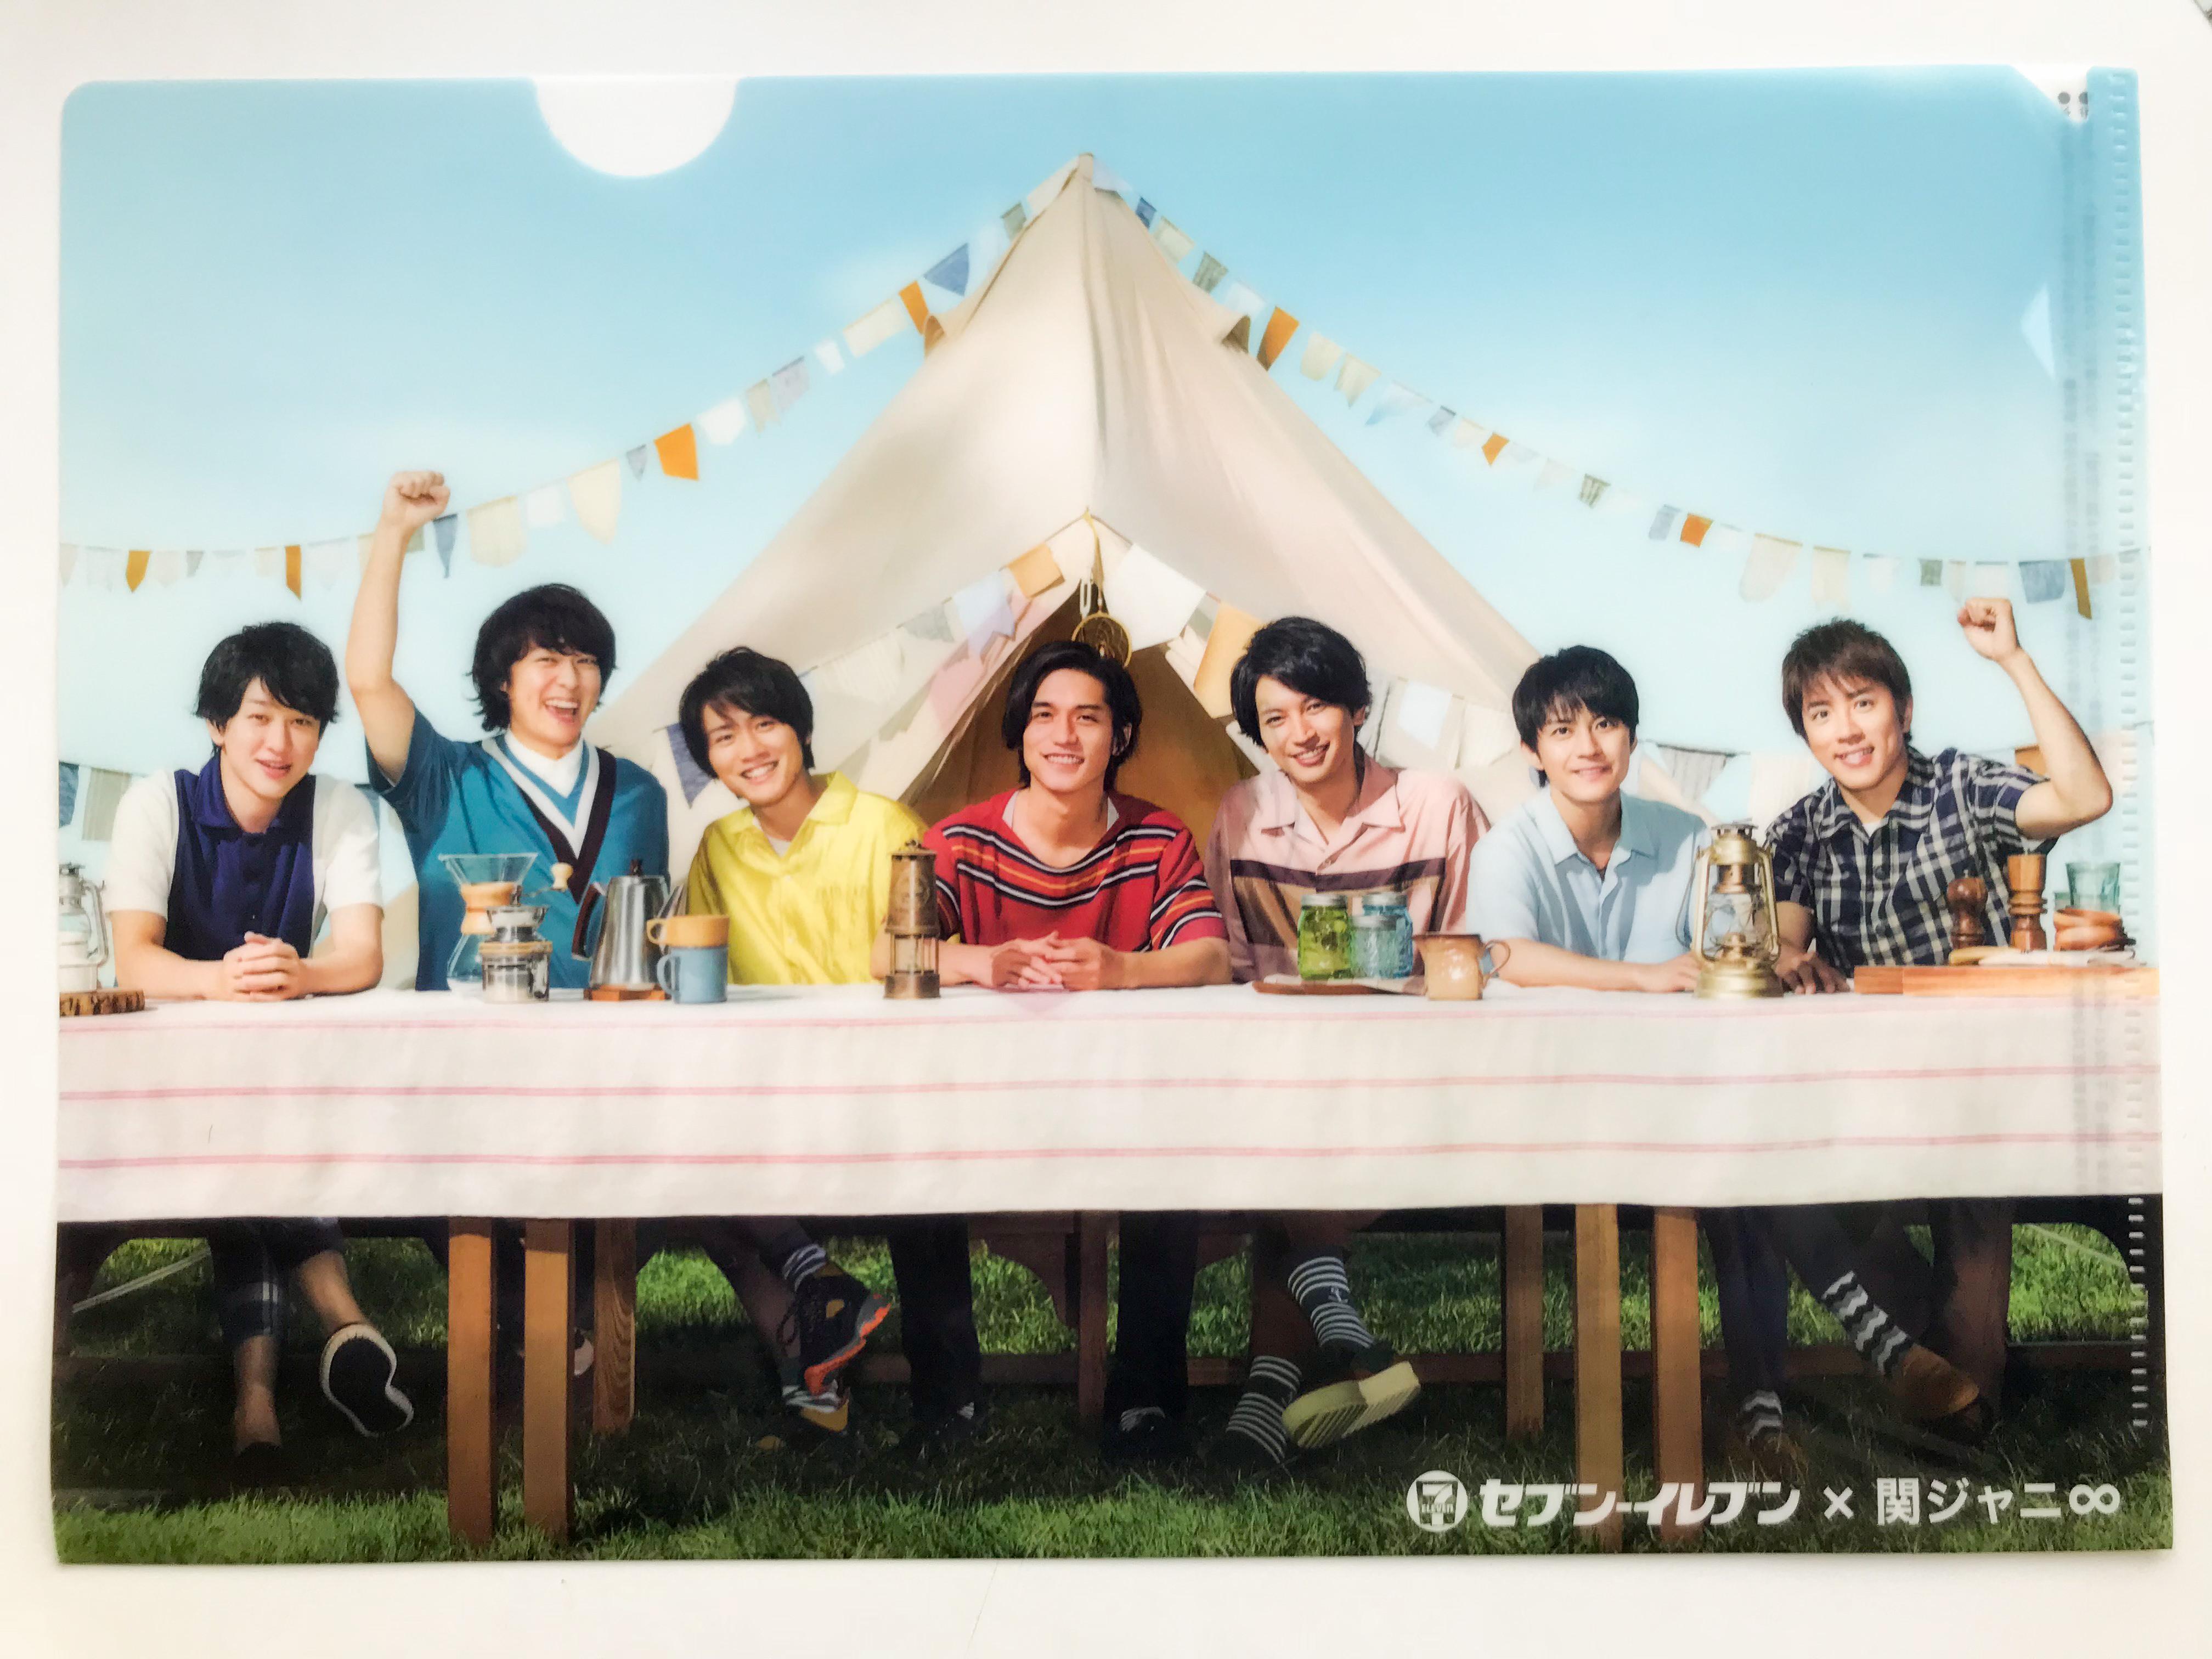 セブンイレブン 関ジャニ∞ キャンペーン